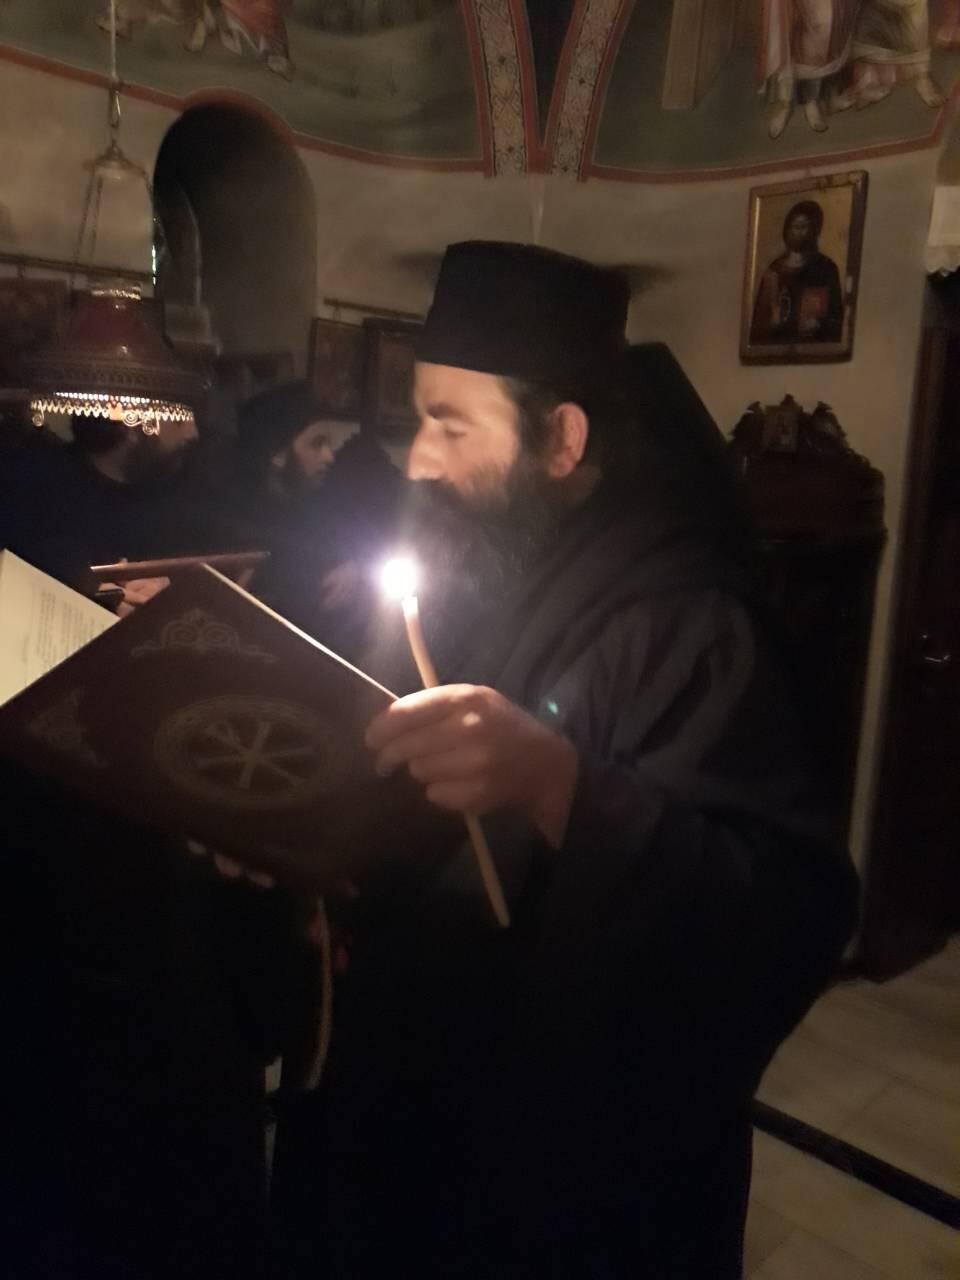 Άγιο Όρος: Με λαμπρότητα πανγύρισε η Μονή Εσφιγμένου την κοίμηση της Θεοτόκου